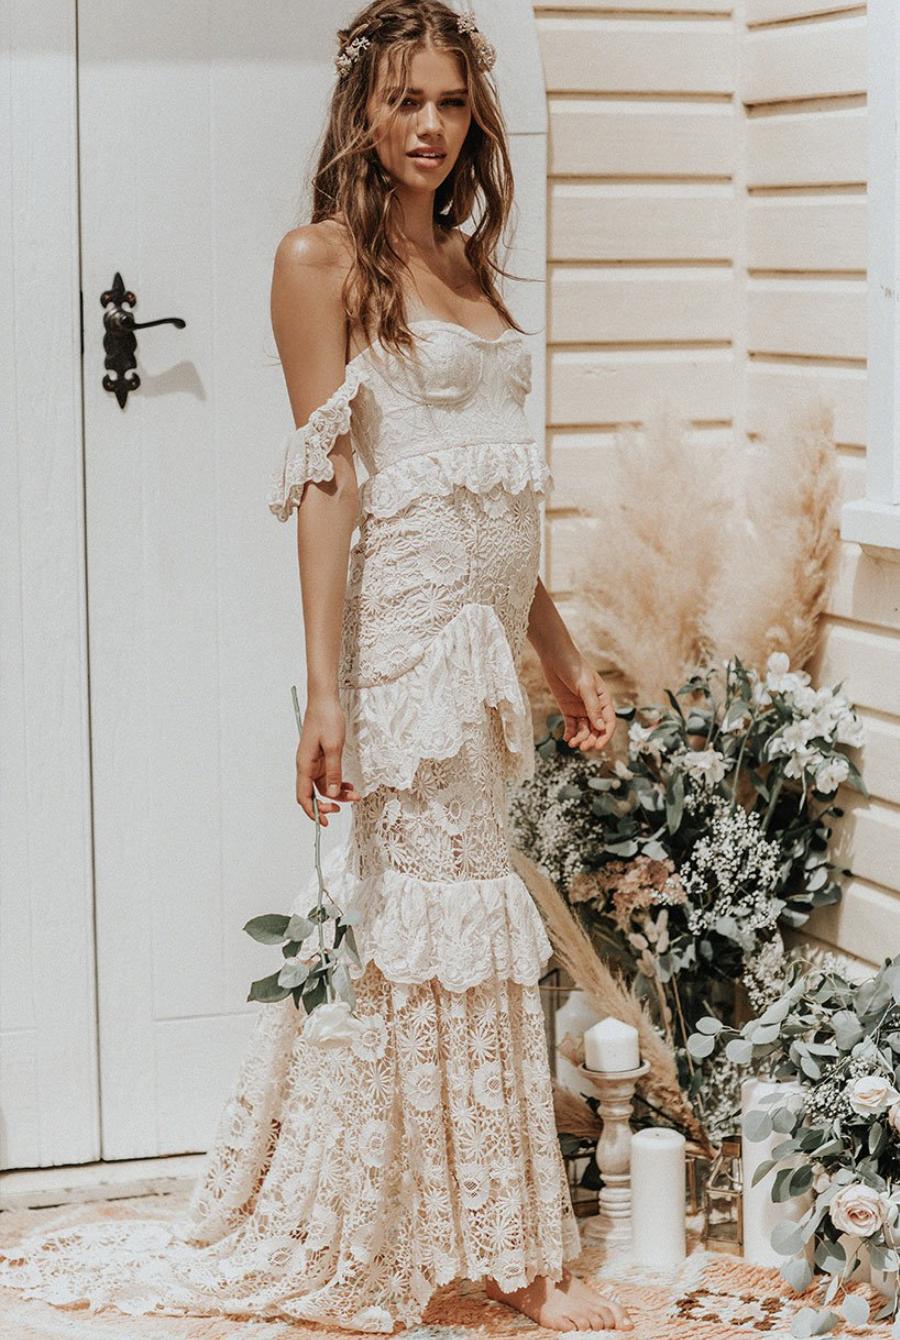 The Estelle Gown $1195